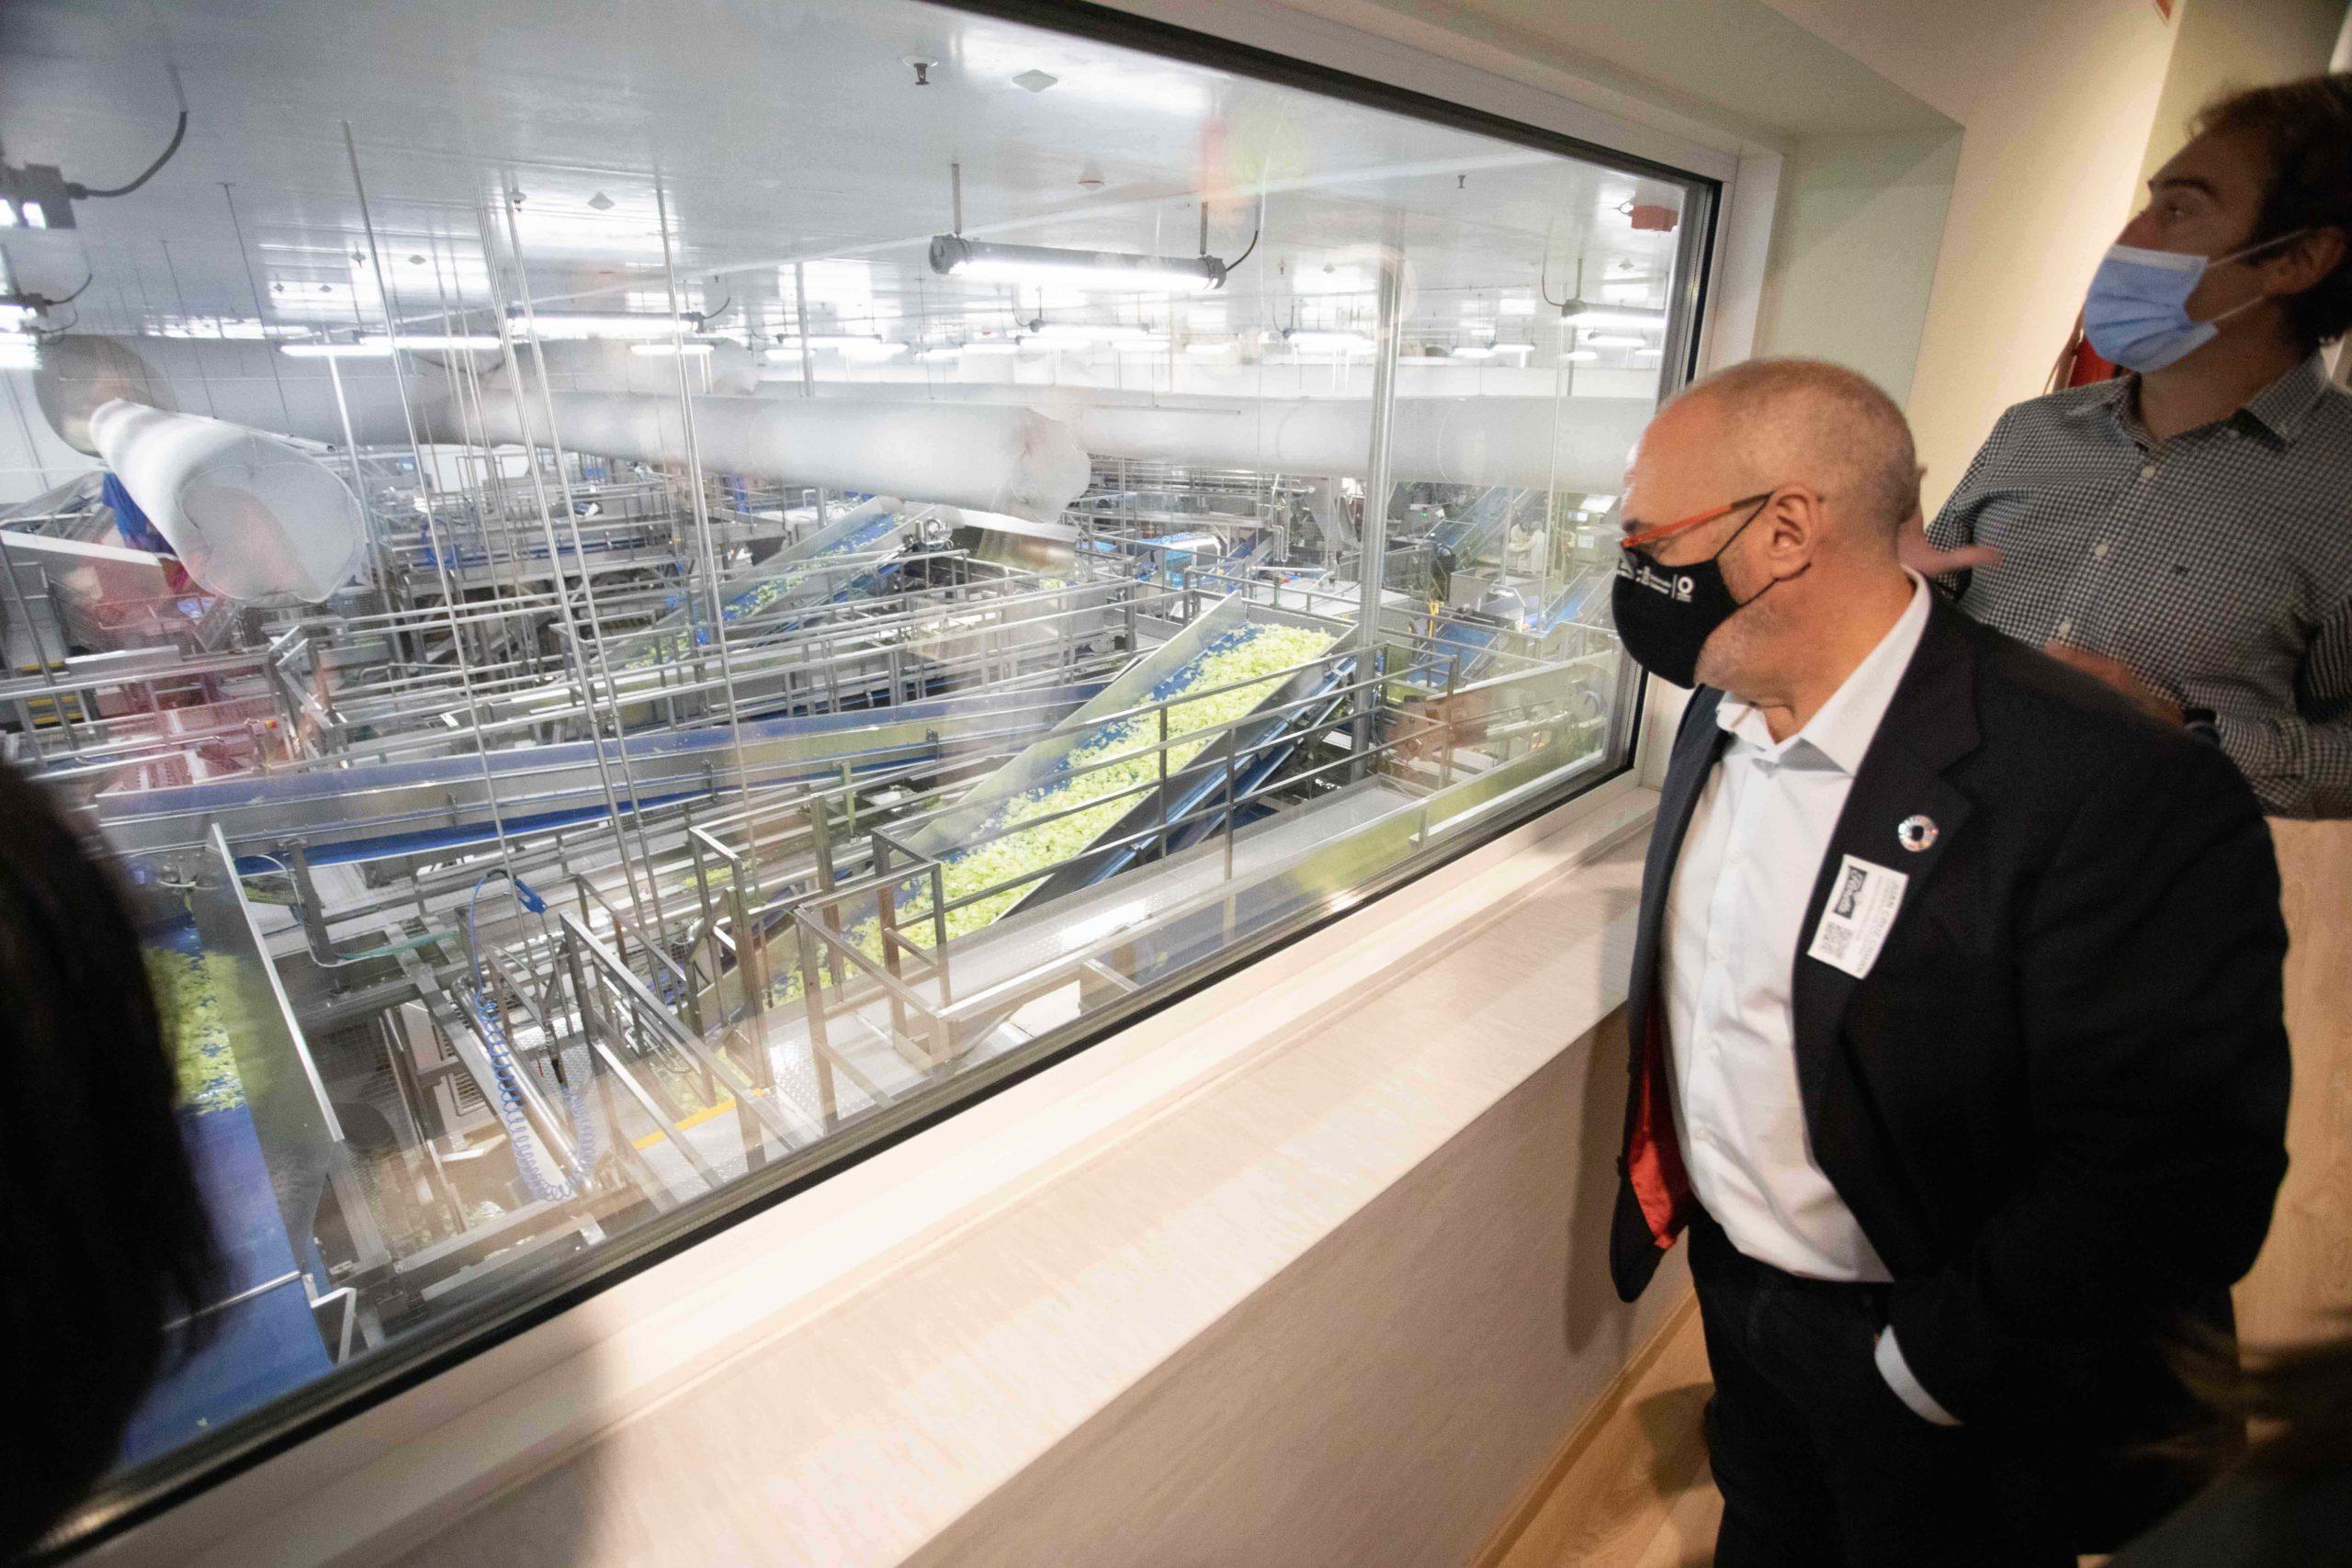 La Unidad de I+D+i de Florette, ejemplo de innovacion de la industria agroalimentaria en Navarra 2 (1)